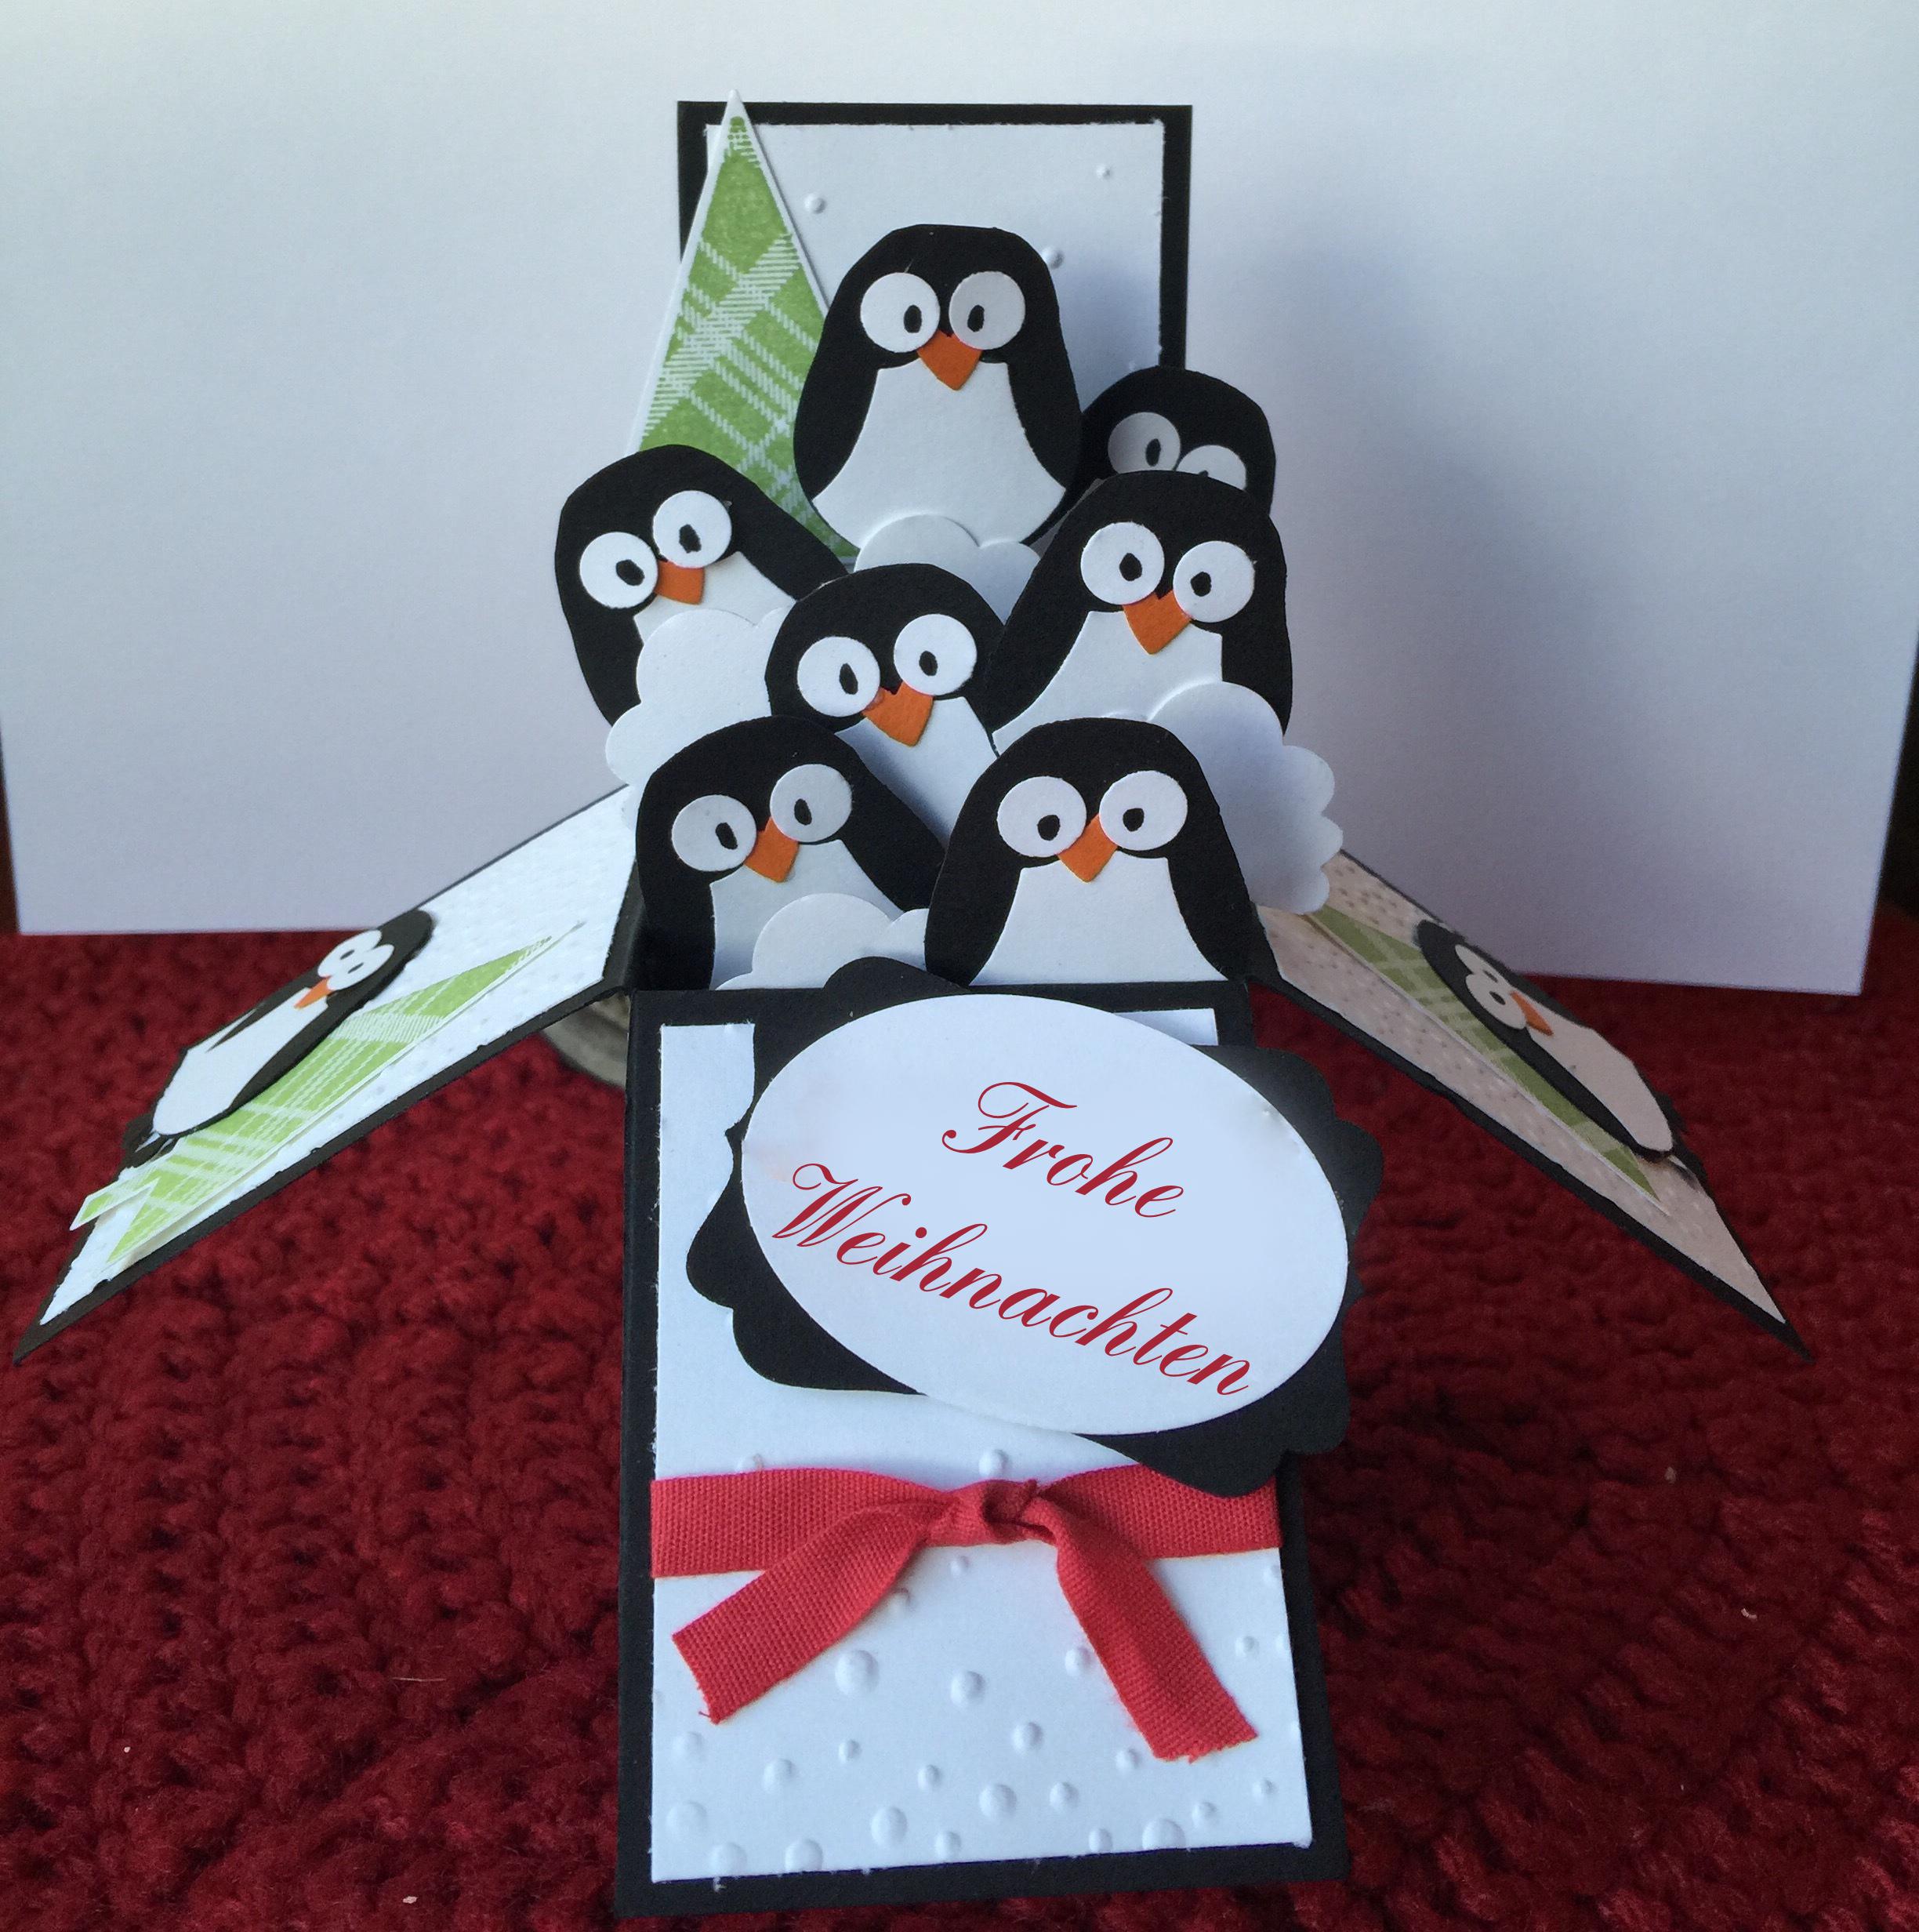 Originelle Weihnachtsgeschenke selber machen: Explosionbox mit Pinguine